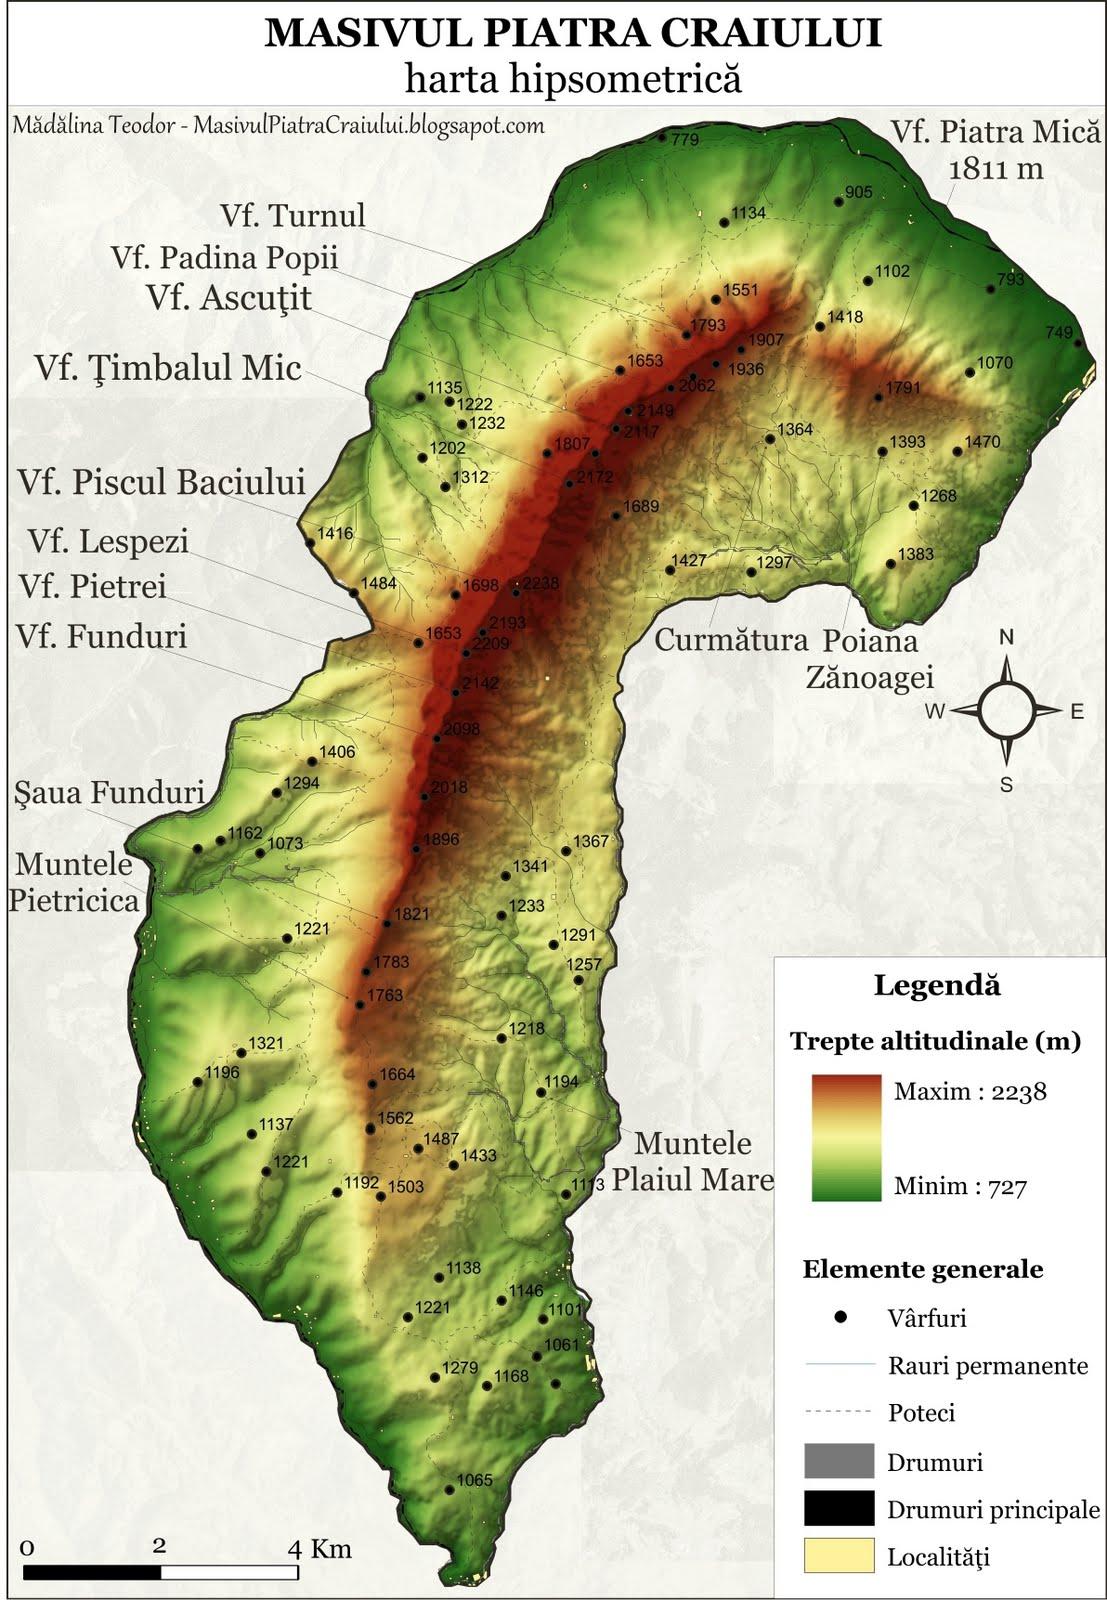 Masivul Piatra Craiului 2 Analiză Gomorfologică